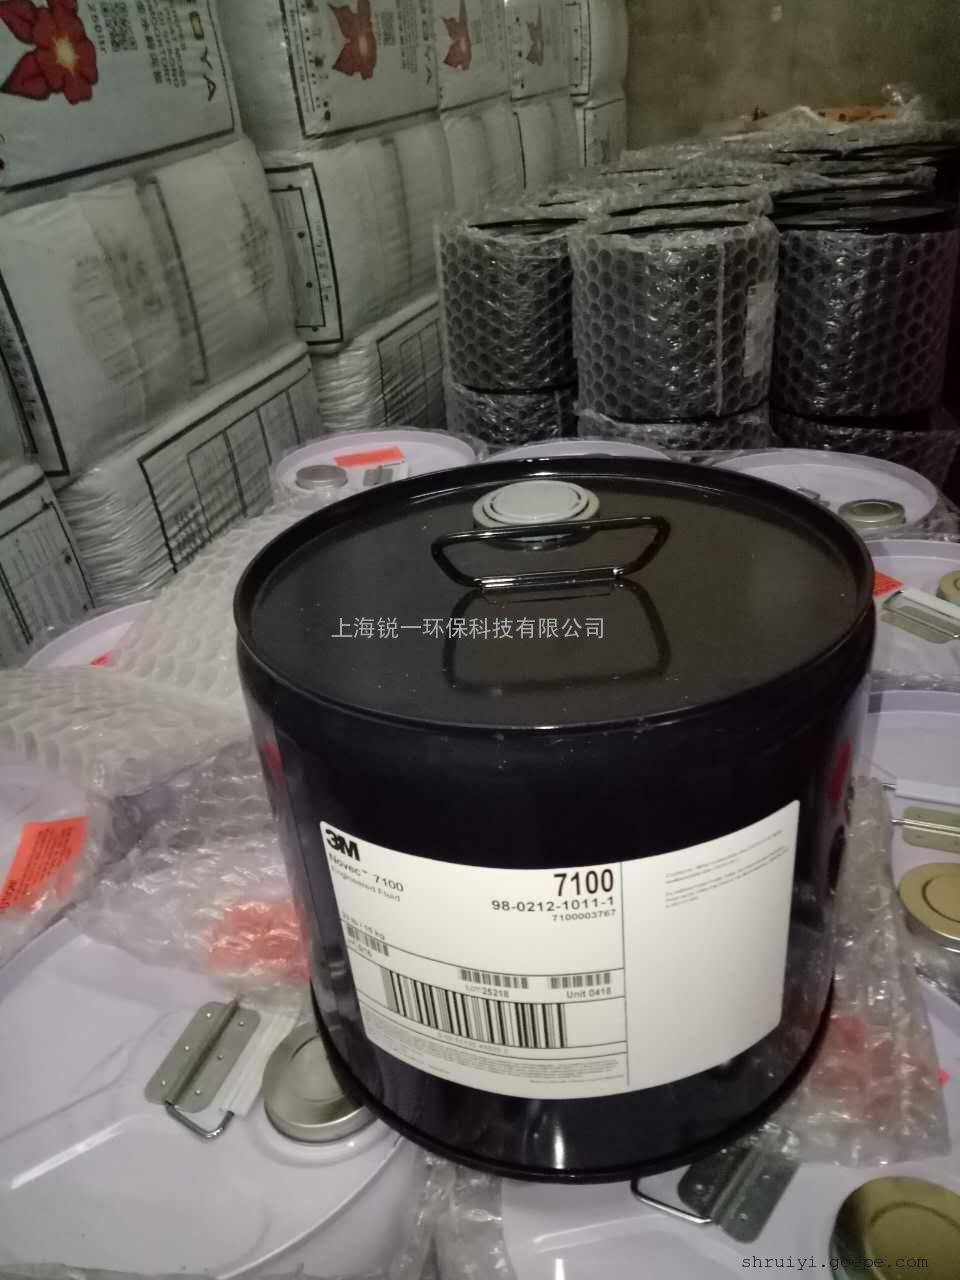 3M HFE7100清洗剂